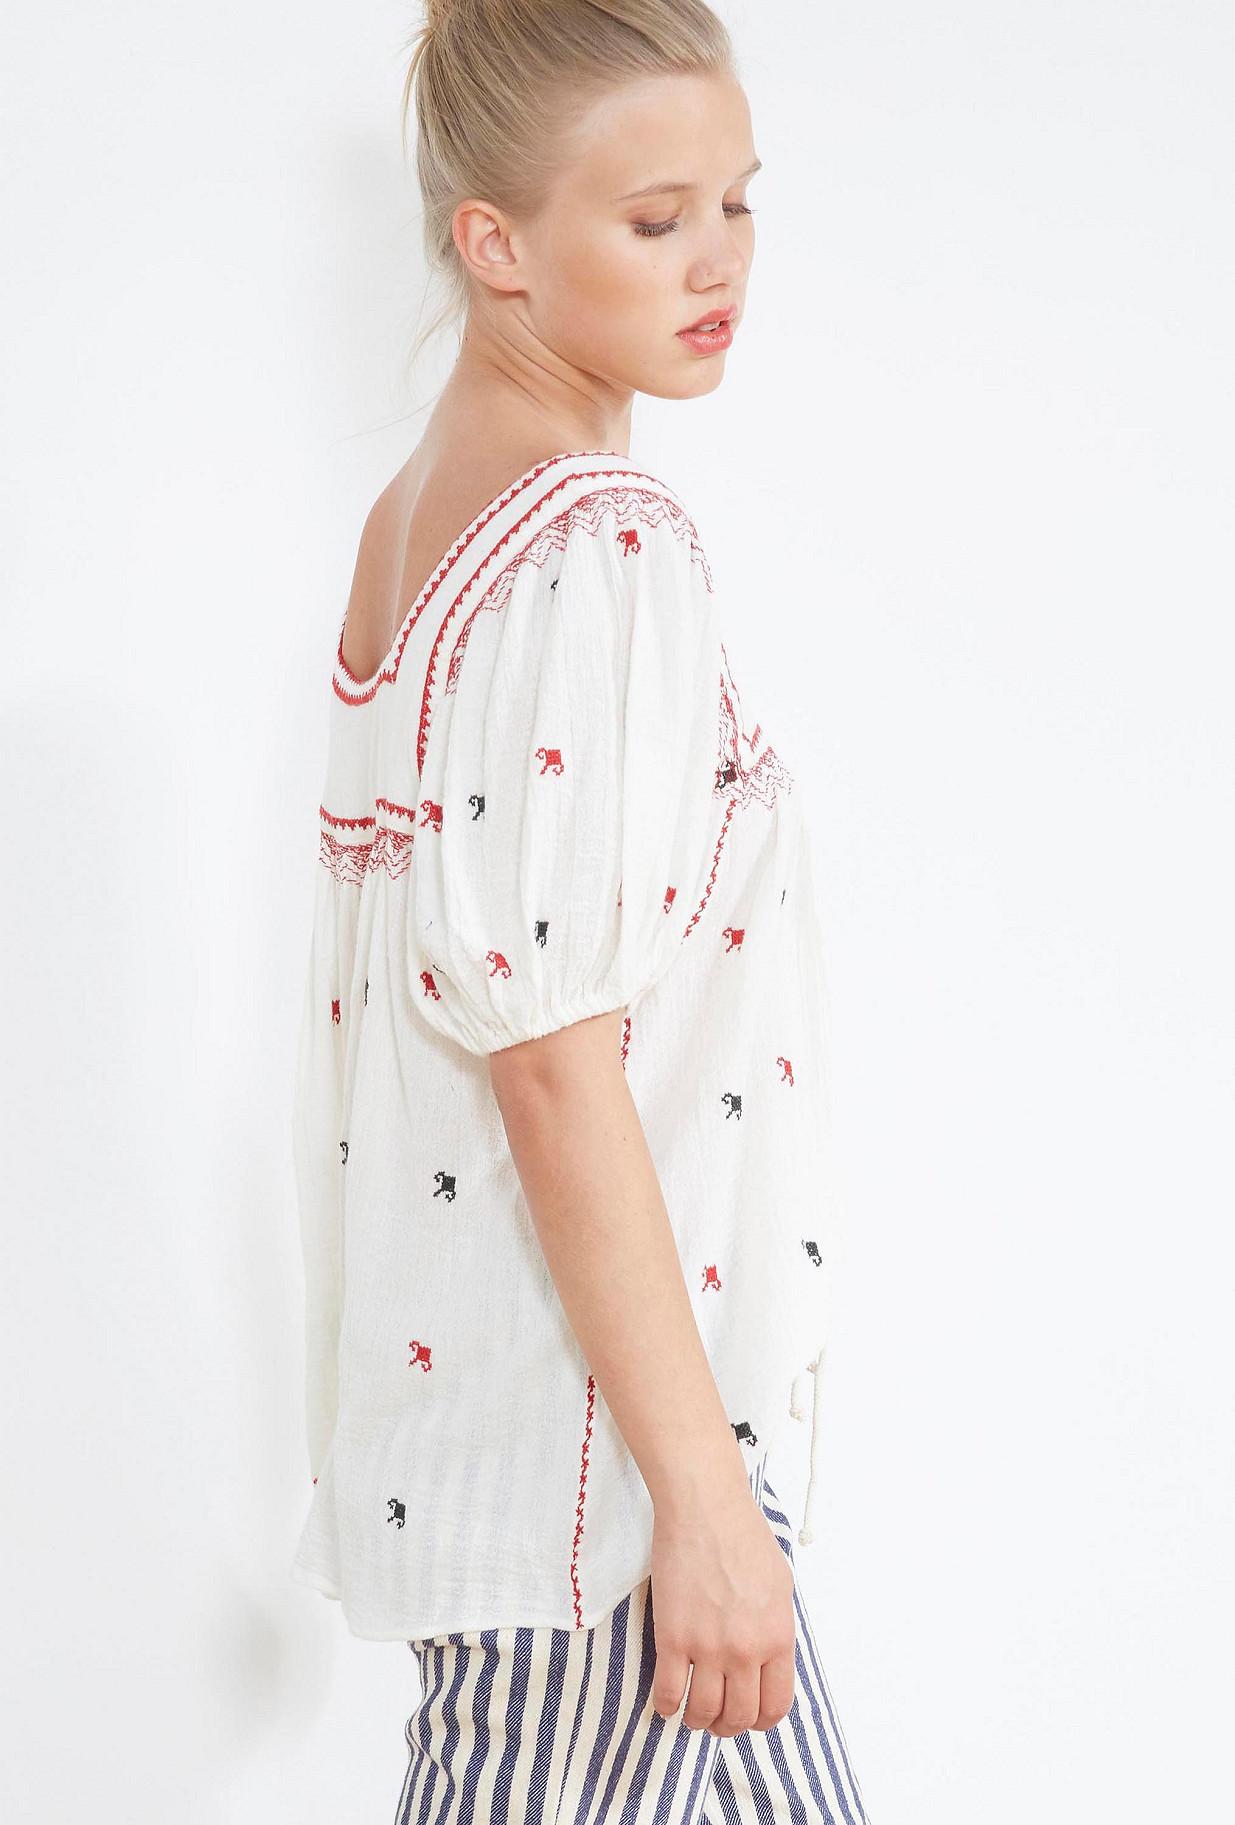 Ivory  BLOUSE  Frimousse Mes demoiselles fashion clothes designer Paris